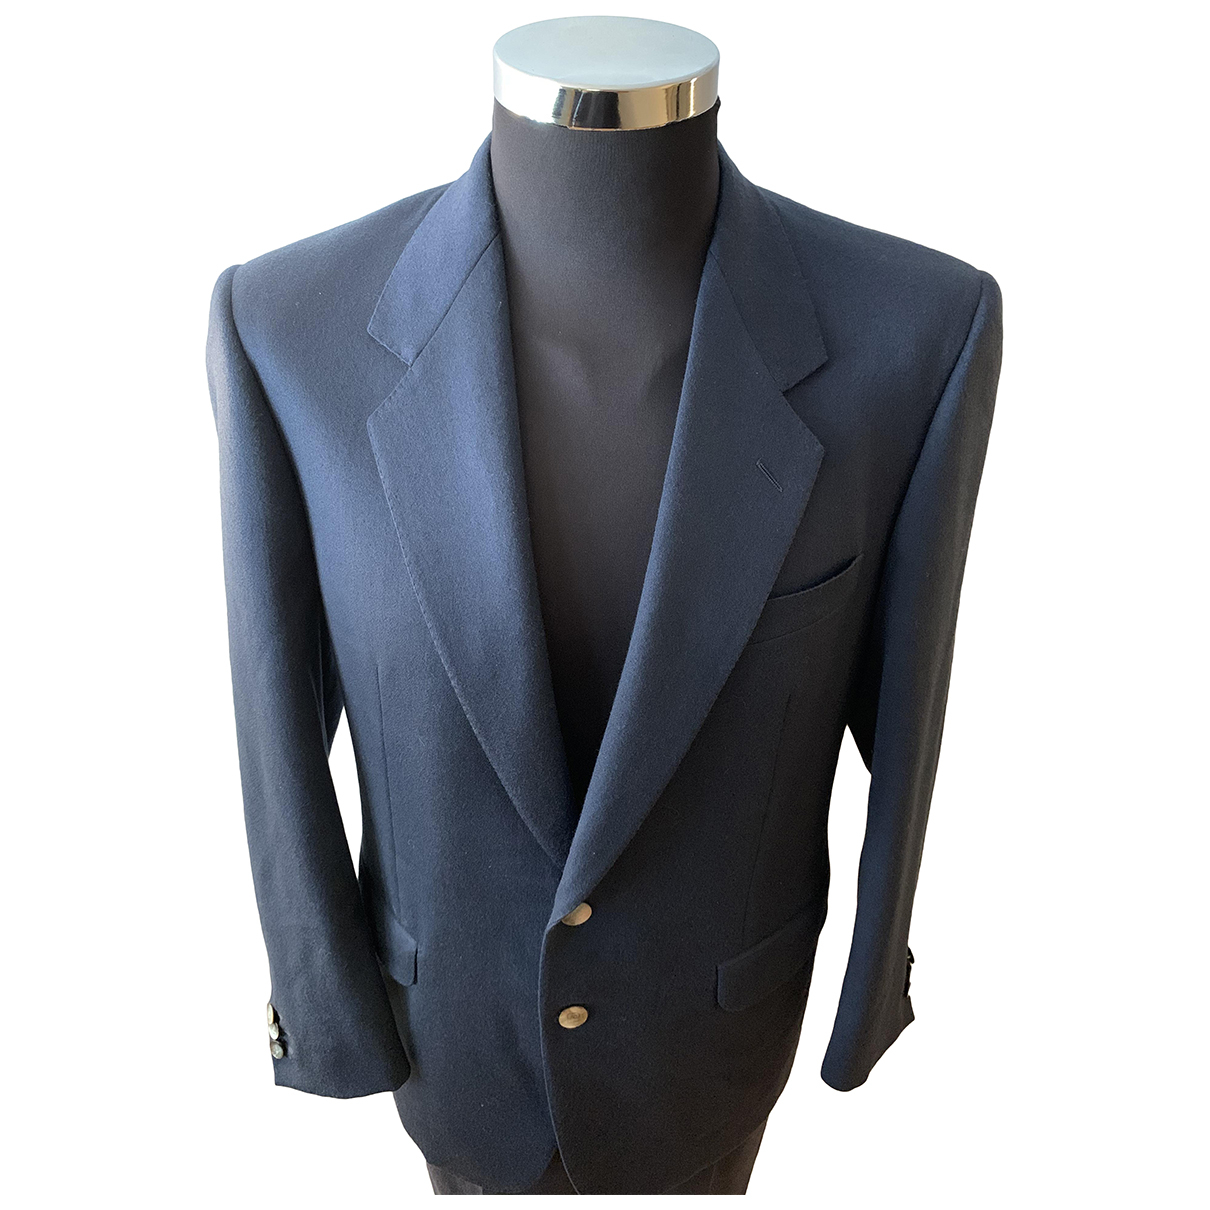 Pierre Cardin - Vestes.Blousons   pour homme en laine - bleu